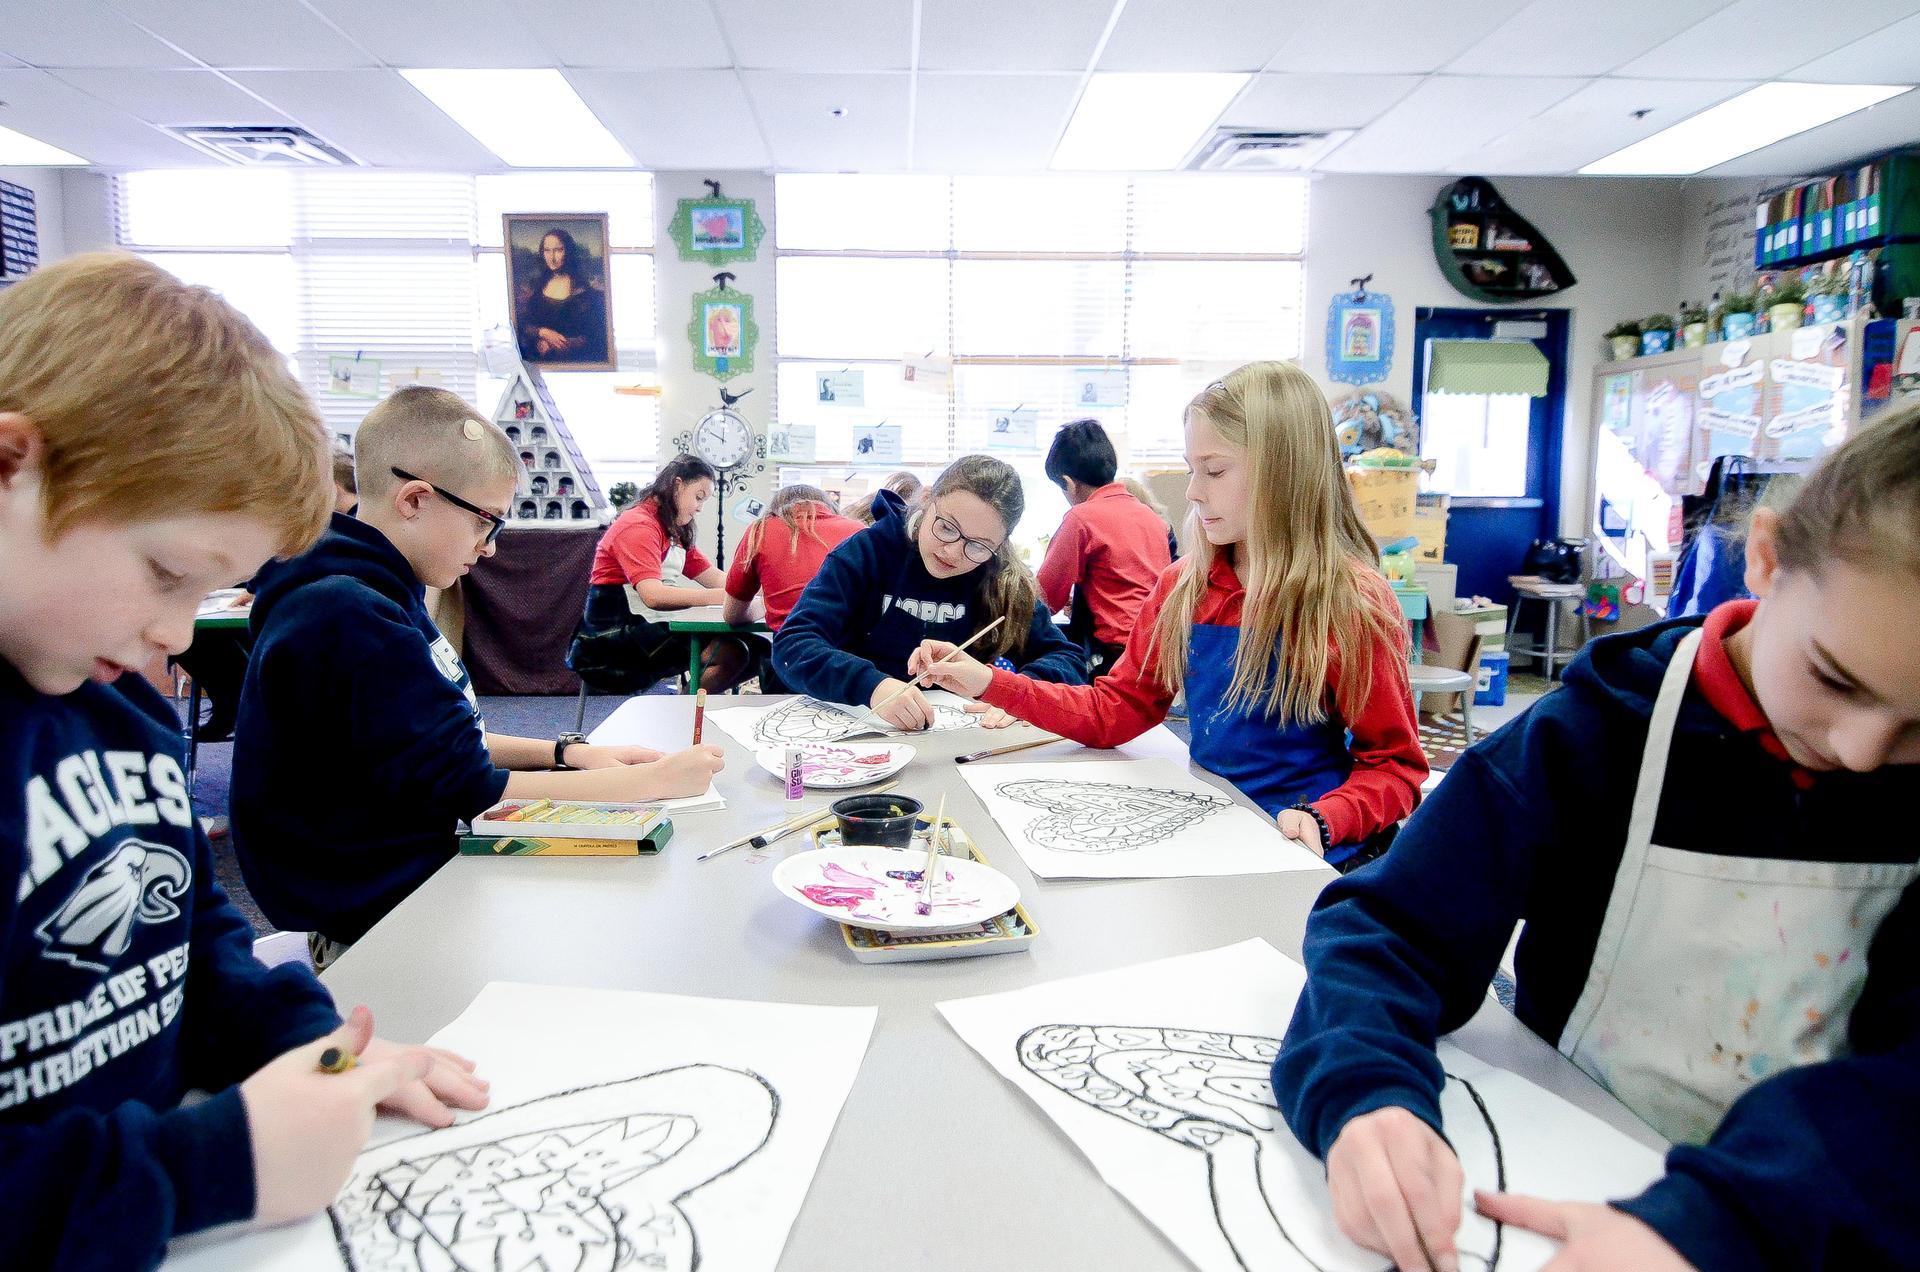 Lower School students in Art Class